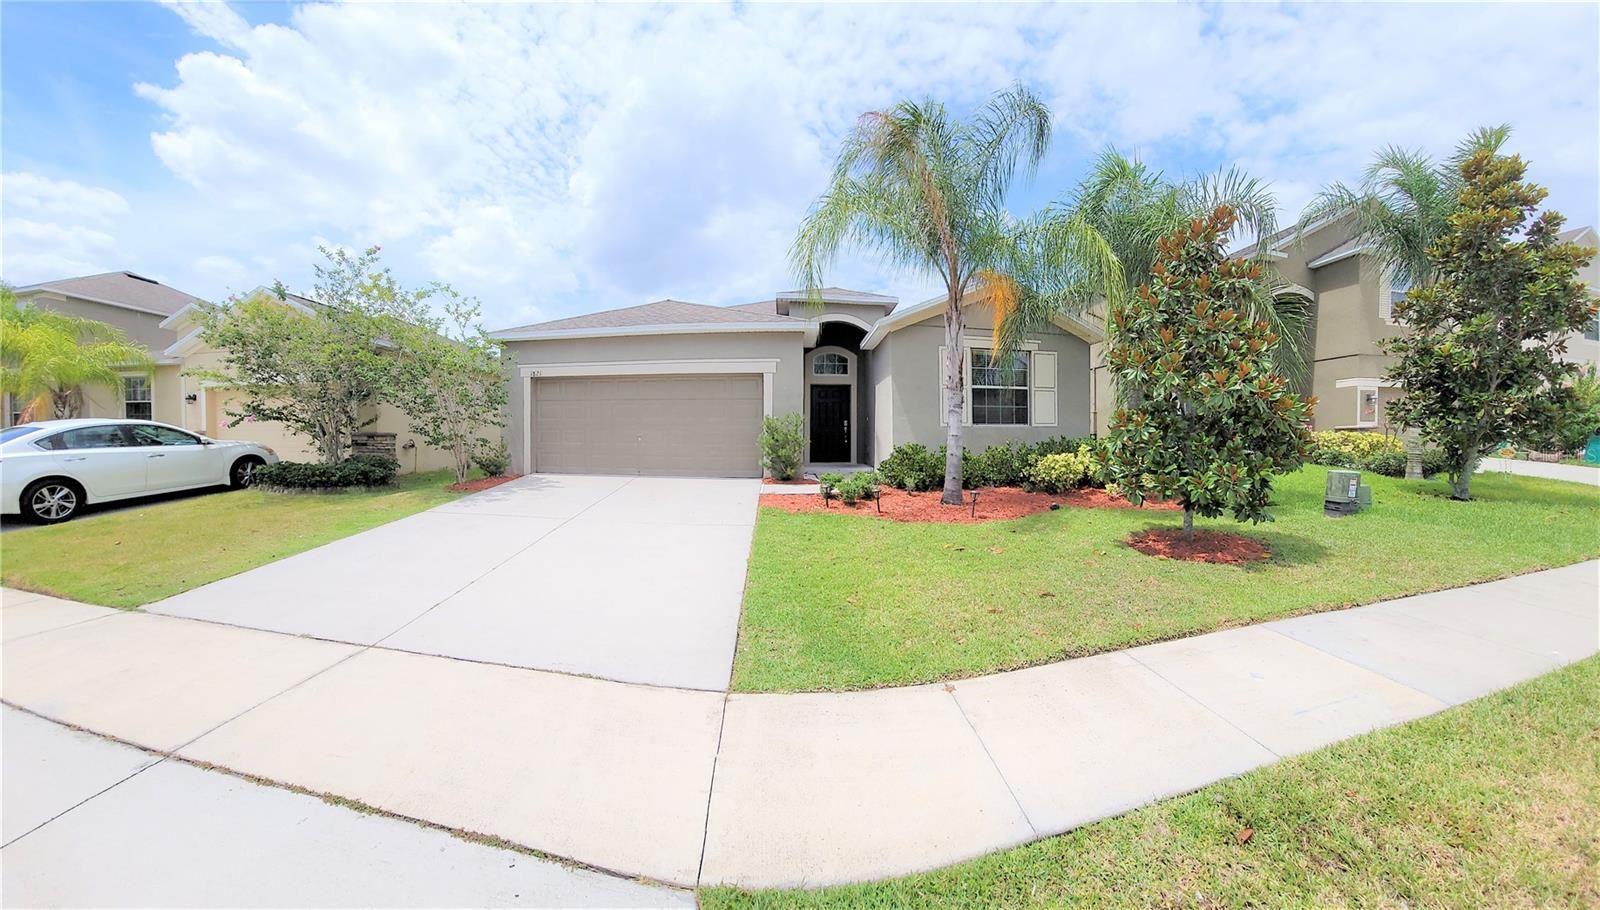 1821 PENRITH LOOP, Orlando, FL 32824 - MLS#: O5950984